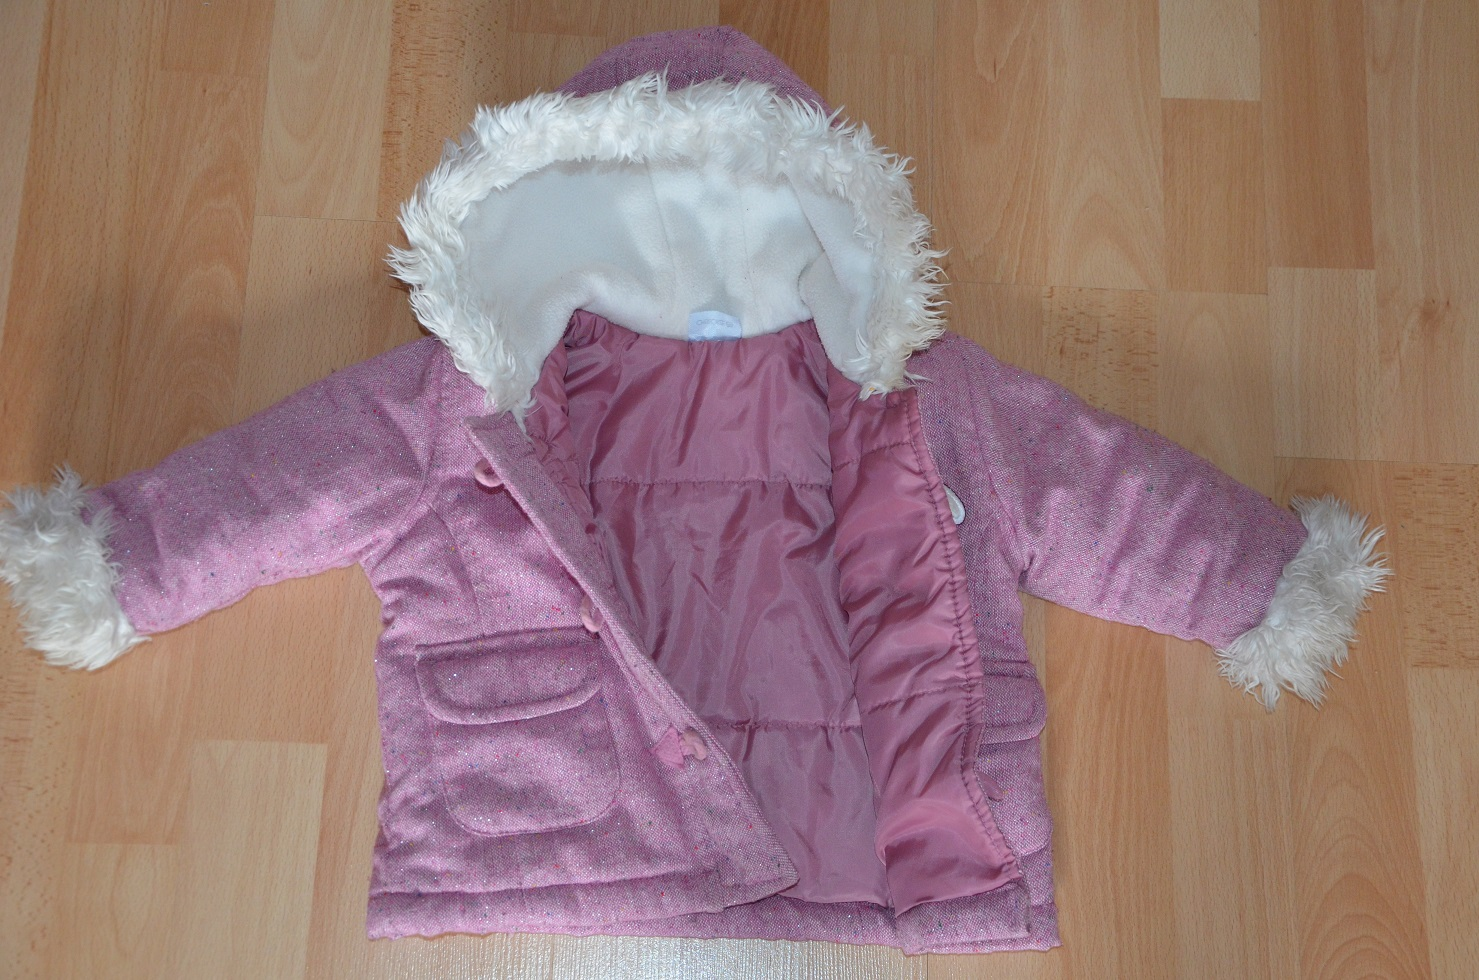 6a2d702a45d56 kurtka zimowa dla dziewczynki r. 86 Cherokee - 7191060329 ...